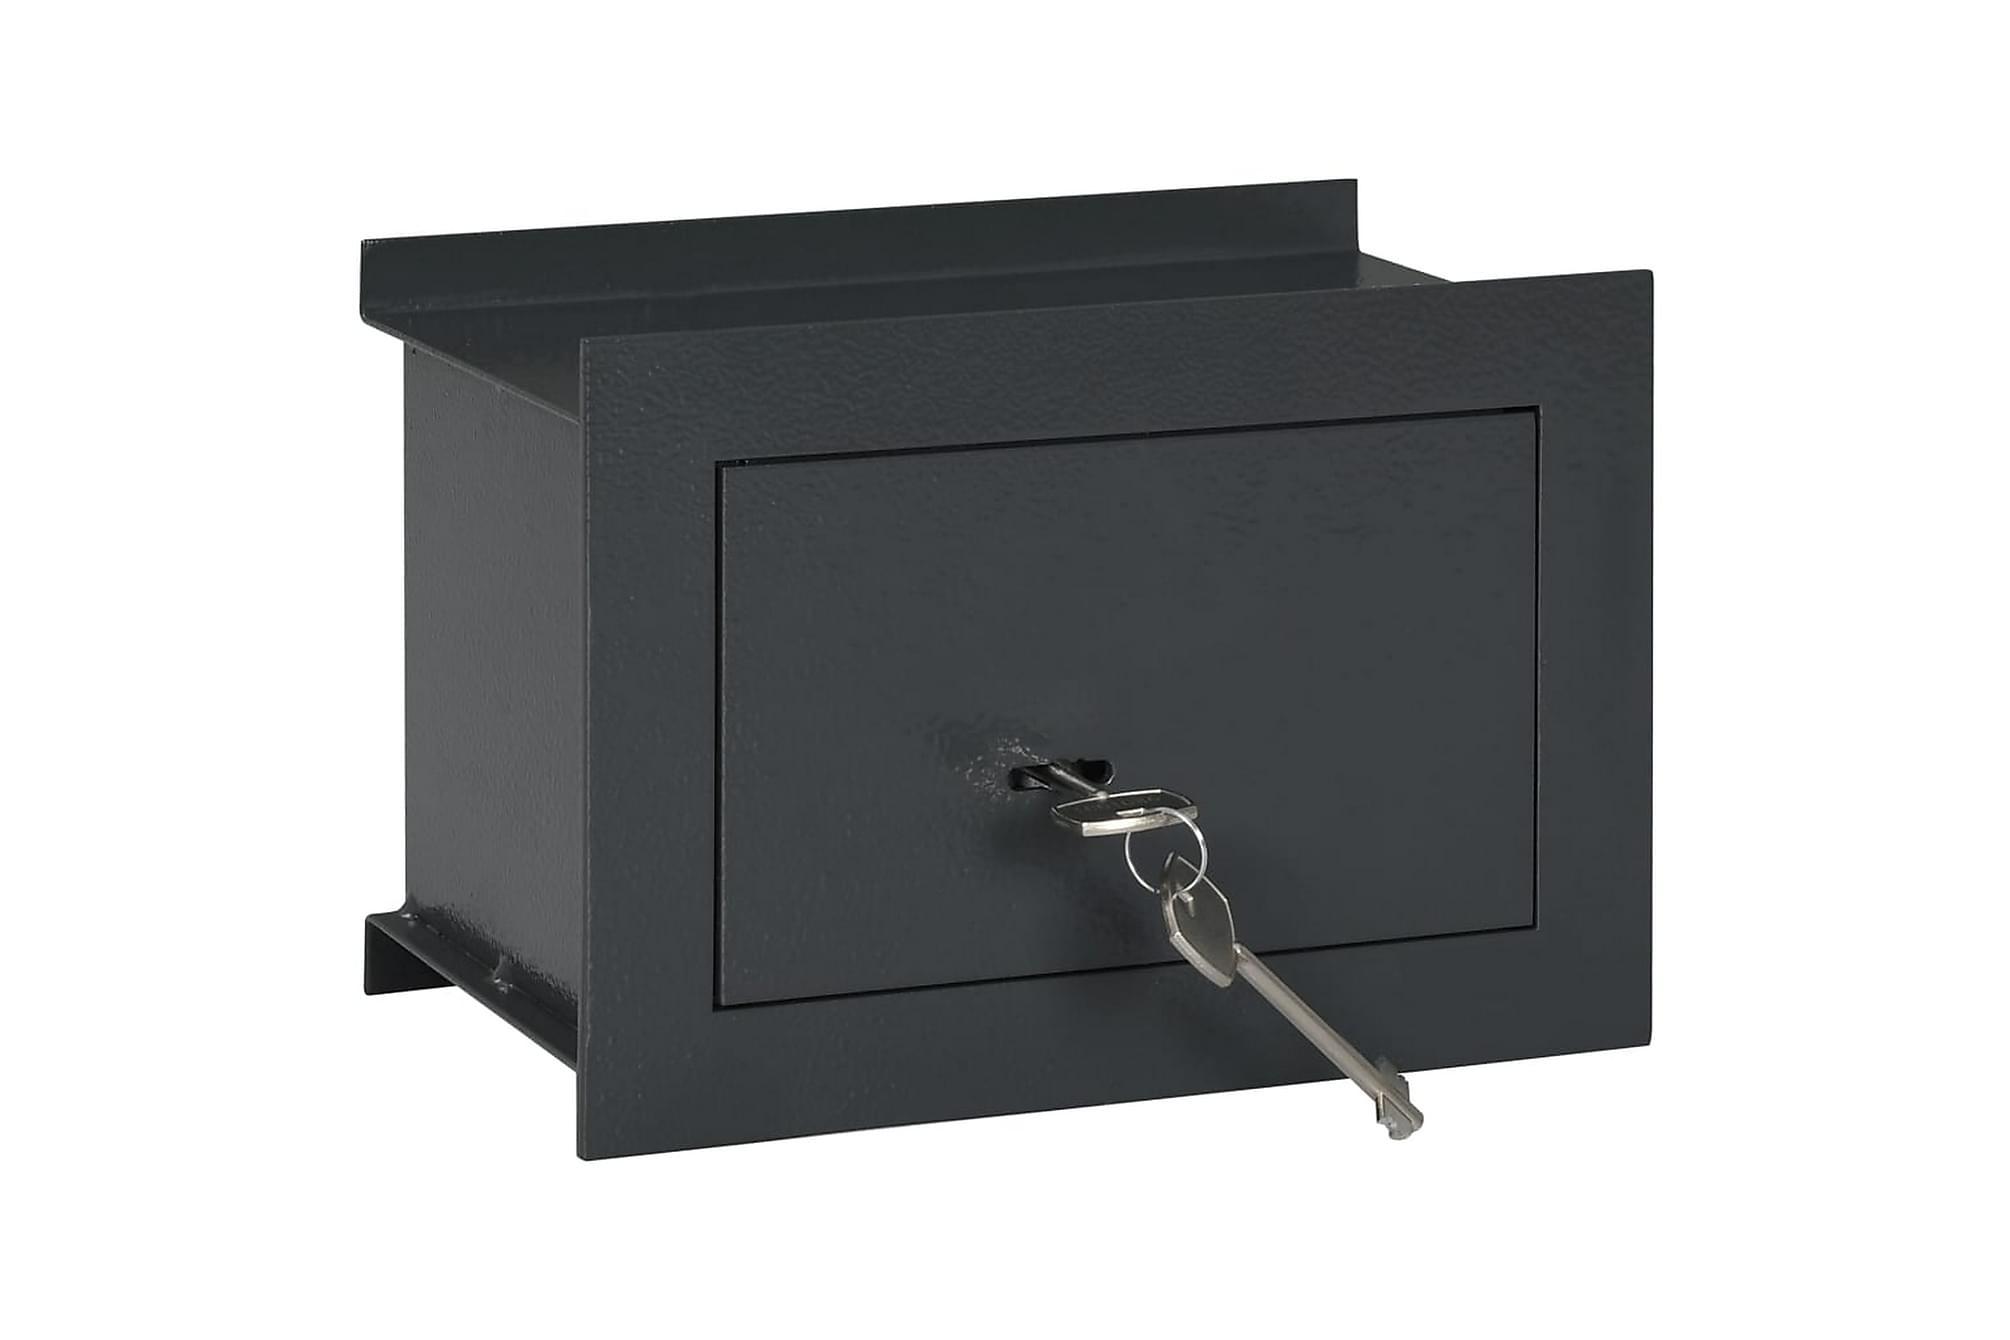 Väggkassaskåp mörkgrå 26x16x18 cm